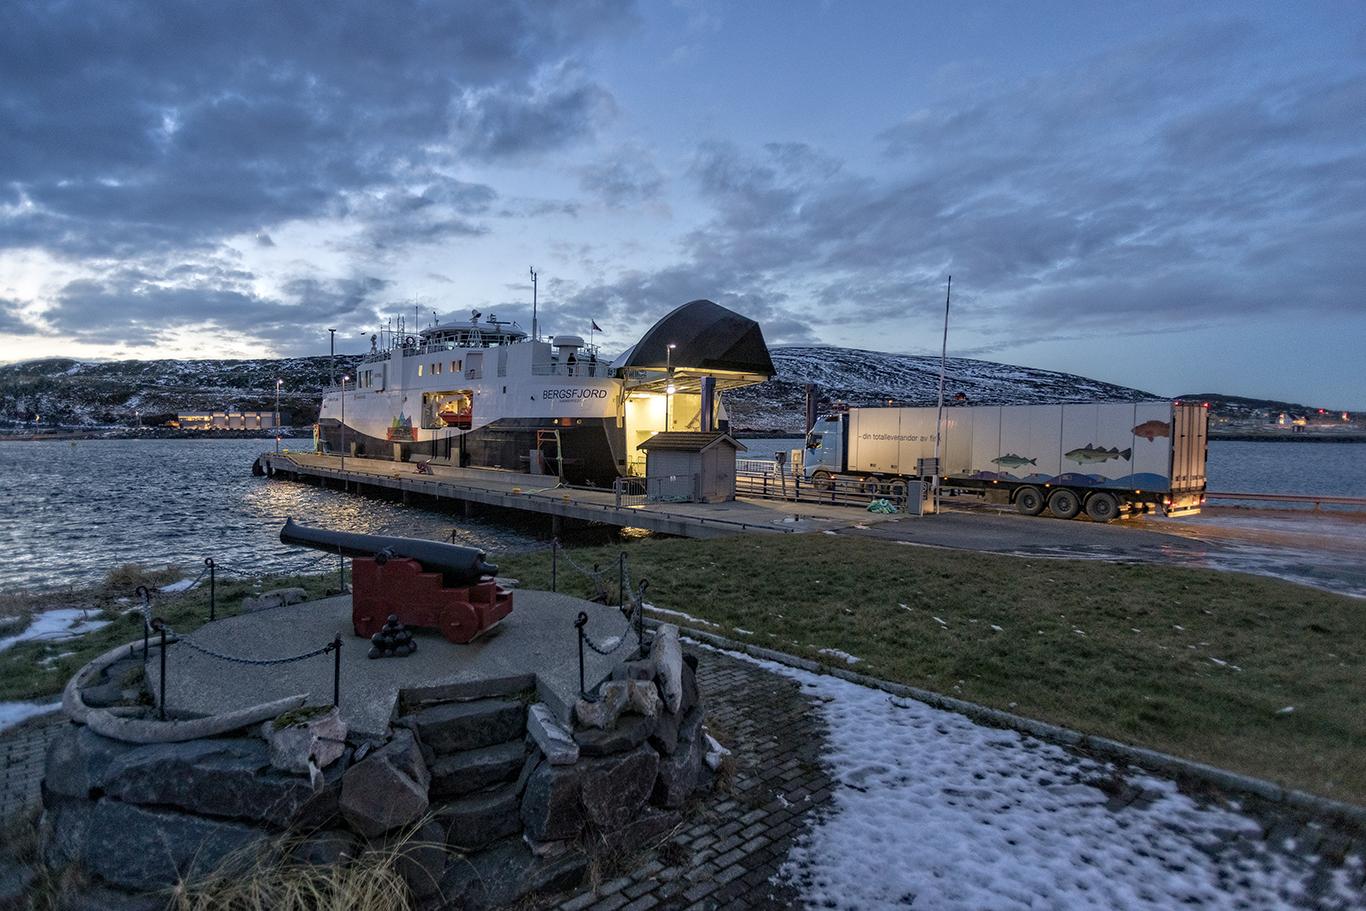 En desemberdag klokken 15.00 og et vogntog med fisk fra et av Hasviks to fiskebedrifter er på plass, og noen få personbiler. En ny tur på 1 time 20 minutter skal tilbakelegges.